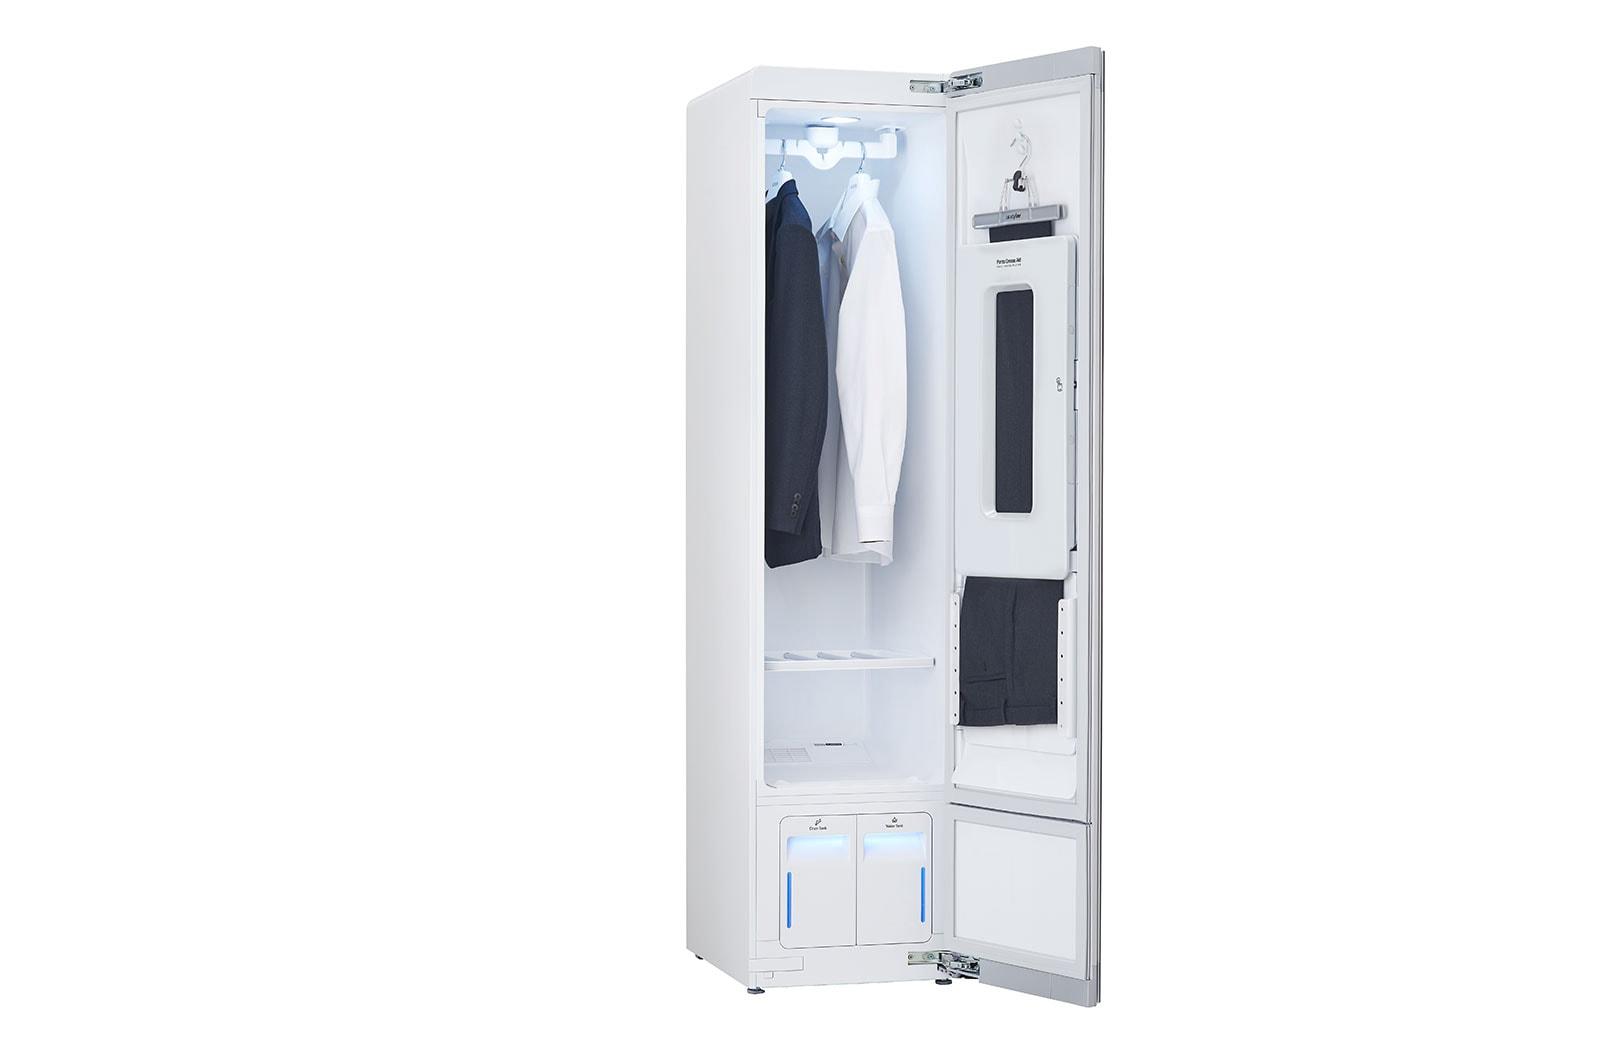 Conheça o LG Styler e saiba tudo sobre o armário robotizado da LG! (Imagem: Divulgação/LG)